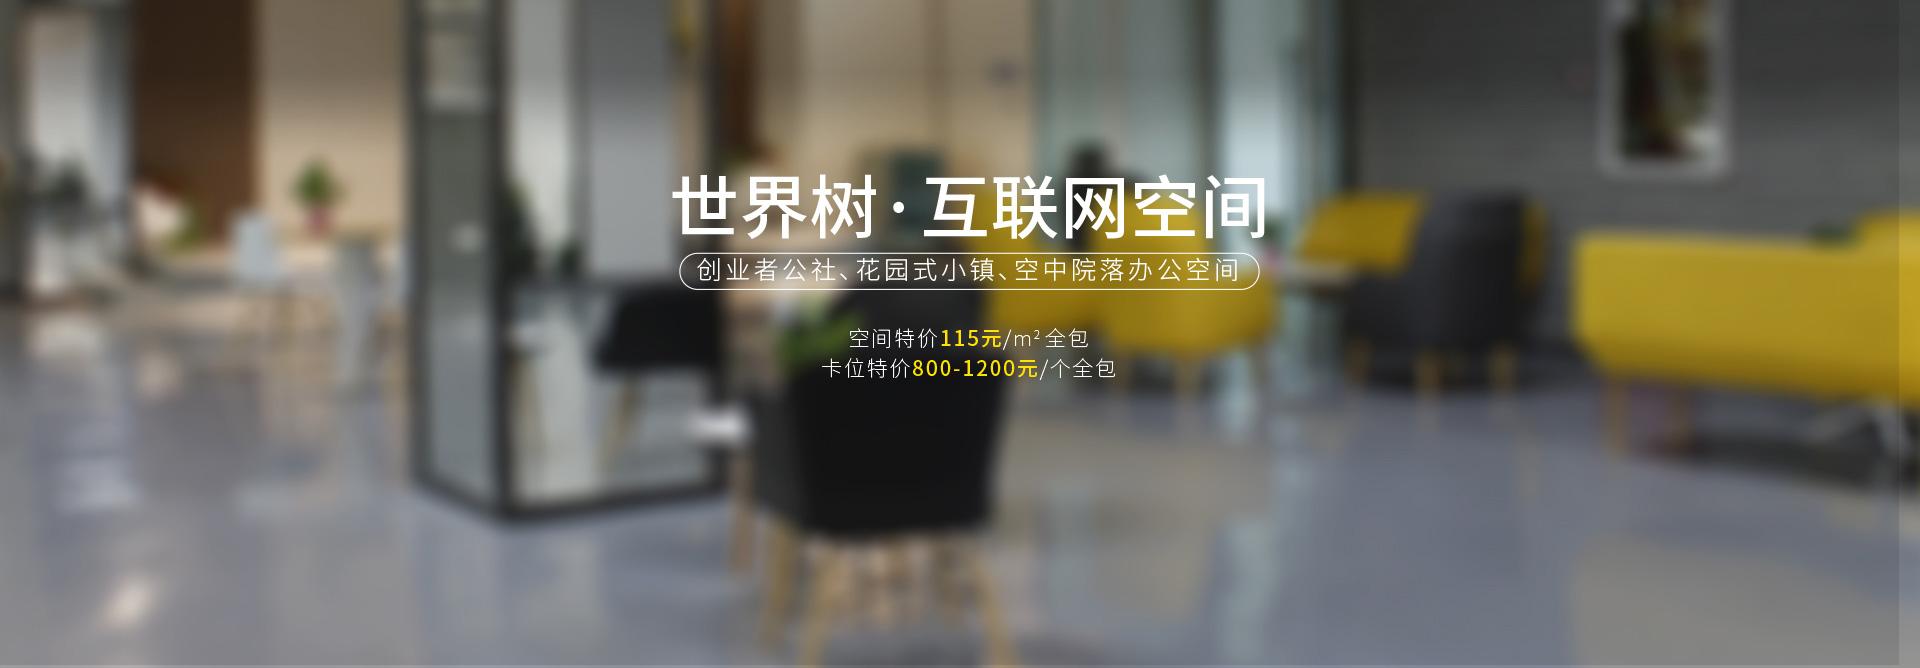 深圳湾科技生态园(一期)